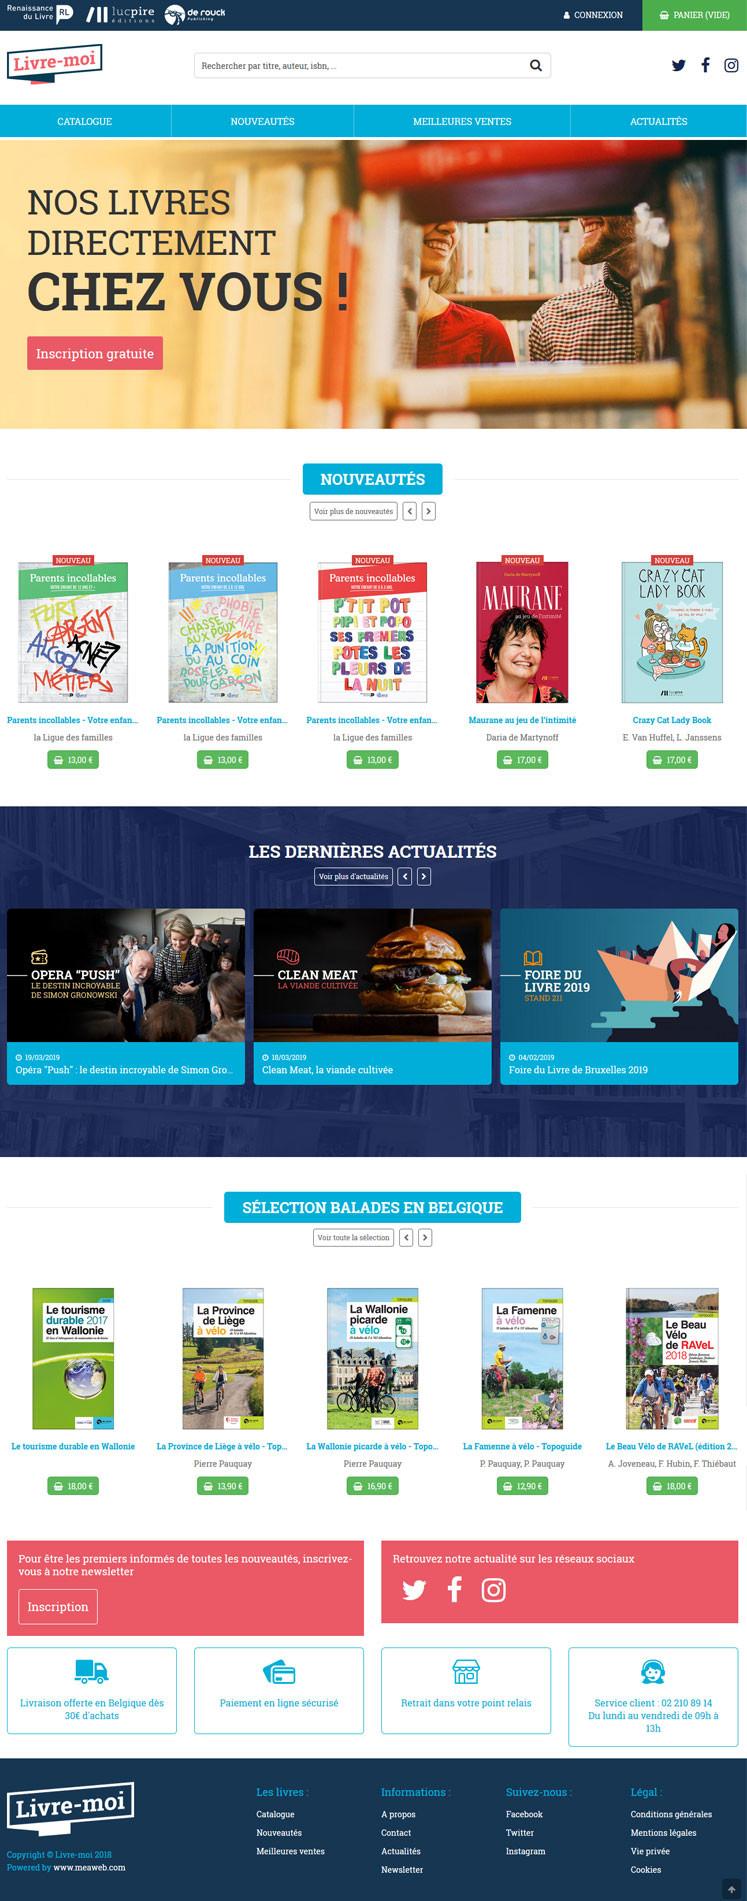 Snapshot du site web - Livre-moi